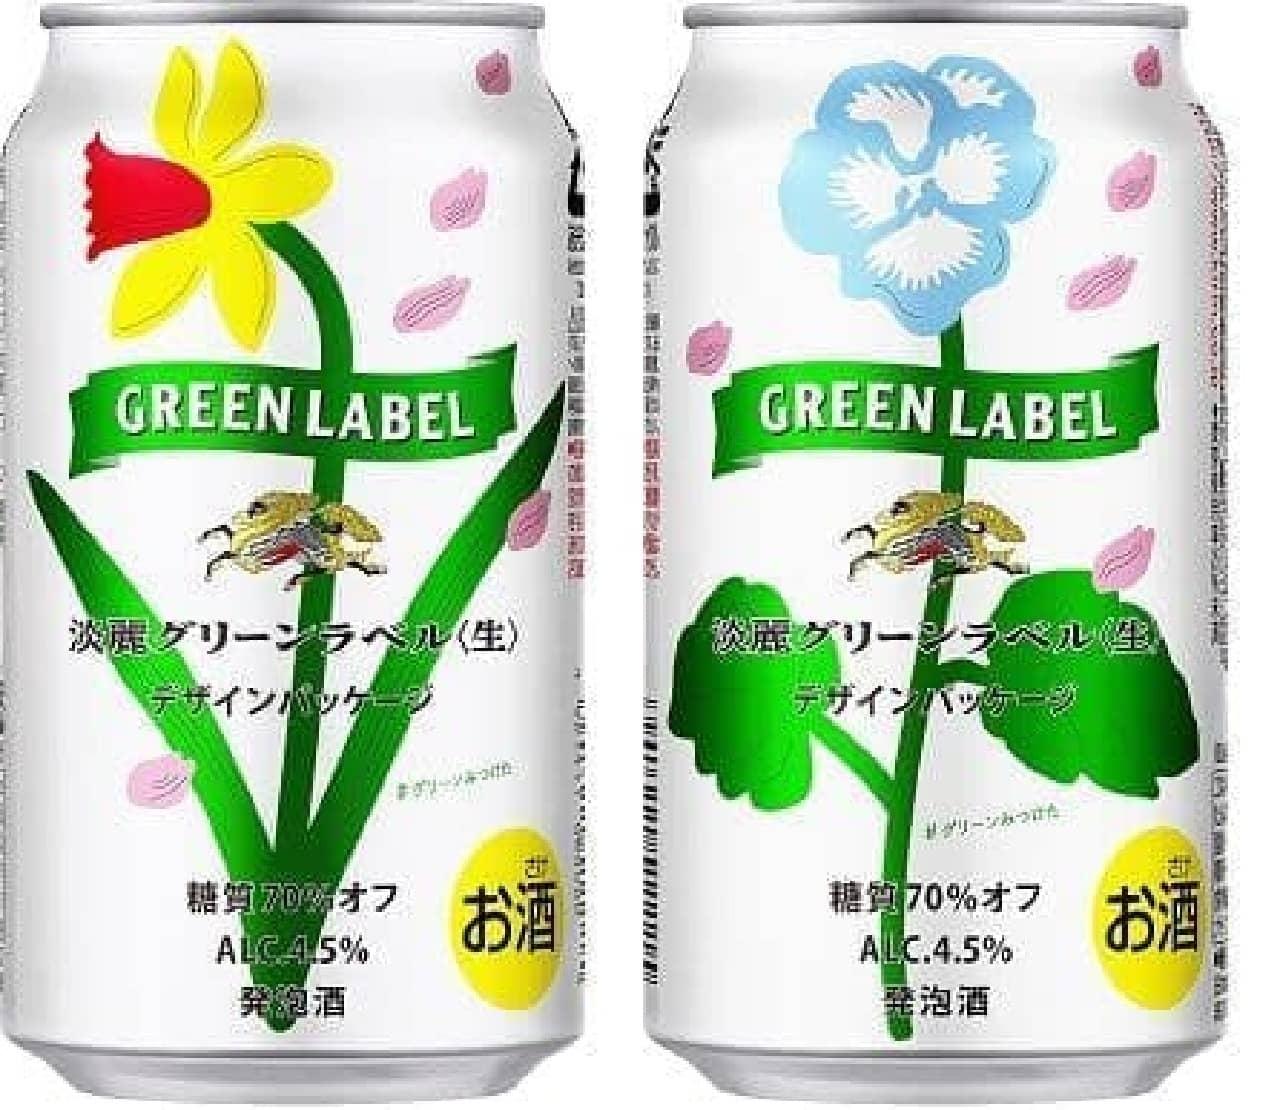 キリンビール「淡麗グリーンラベル 3月春うららデザイン缶」